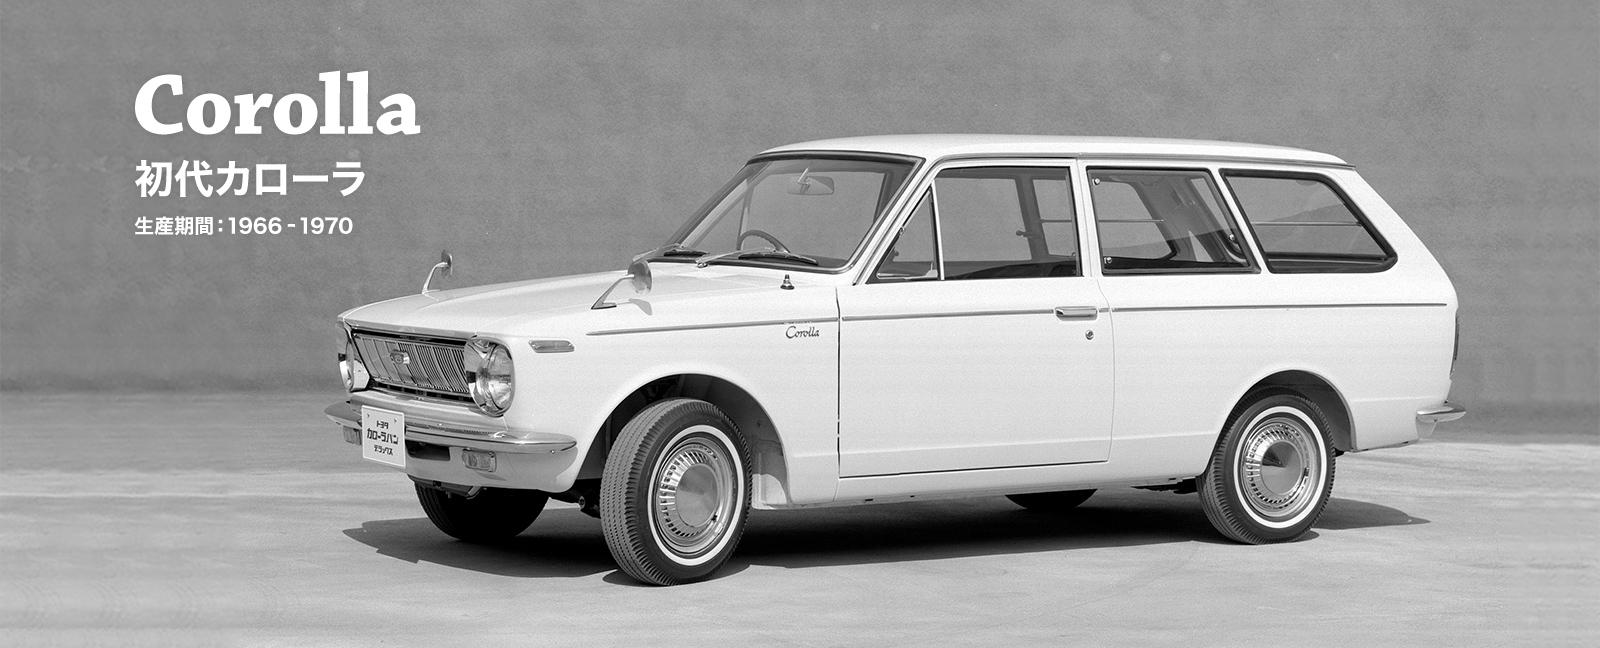 toyota corolla pertama tahun 1966